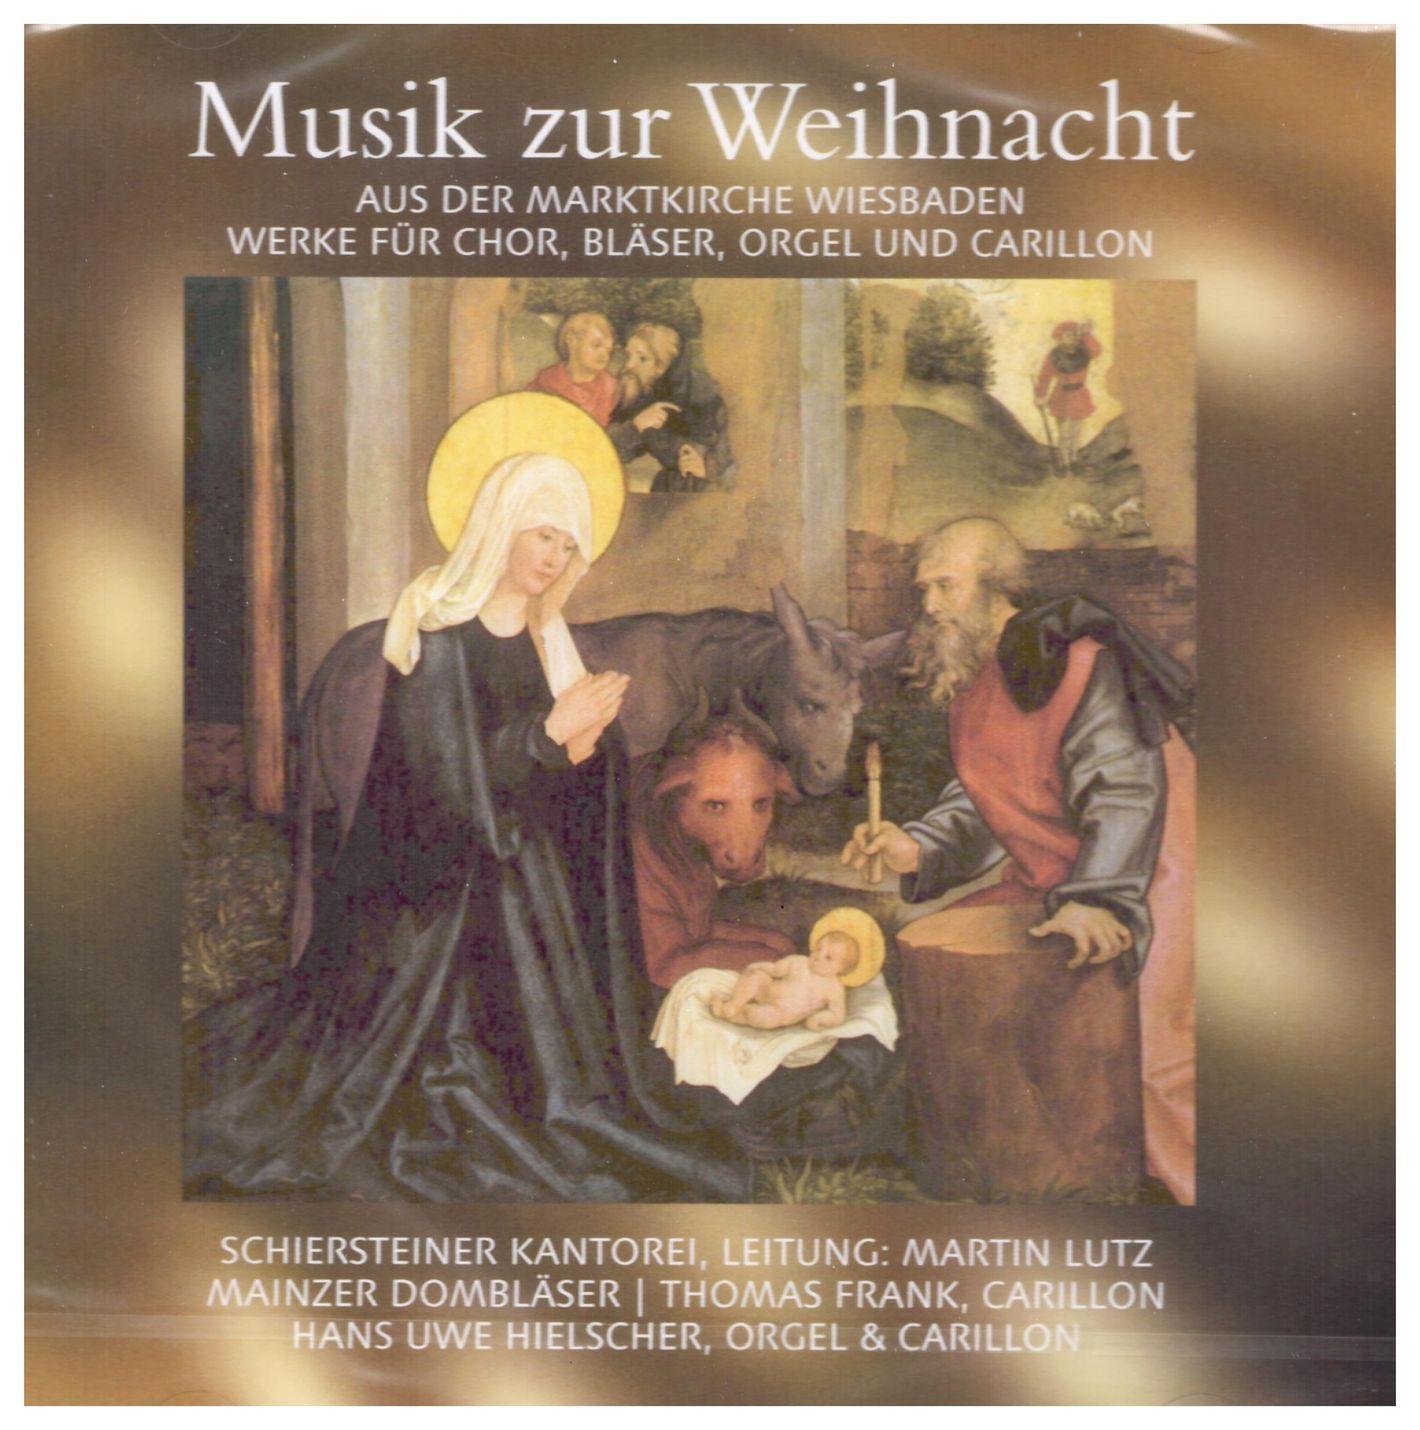 Musik zur Weihnacht aus der Marktkirche Wiesbaden